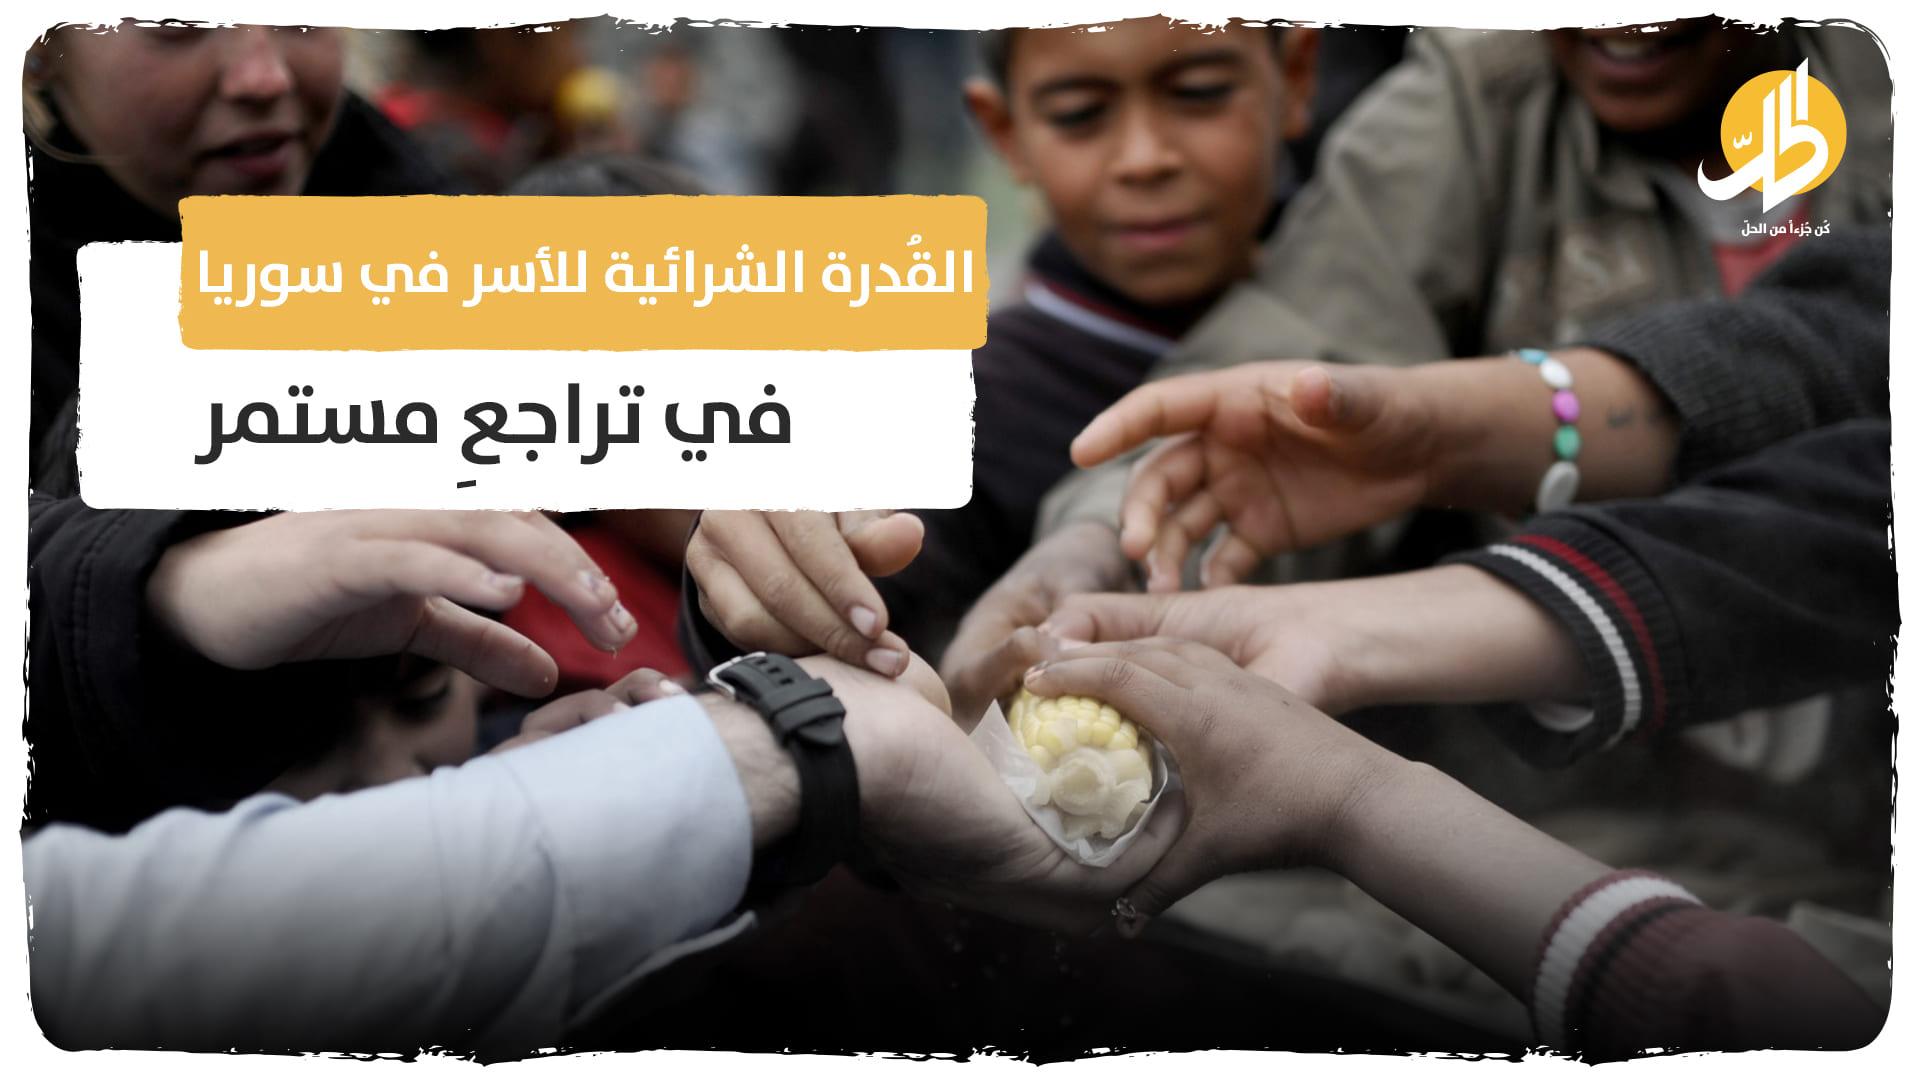 القُدرة الشرائية للأسر في سوريا .. في تراجعِ مستمر